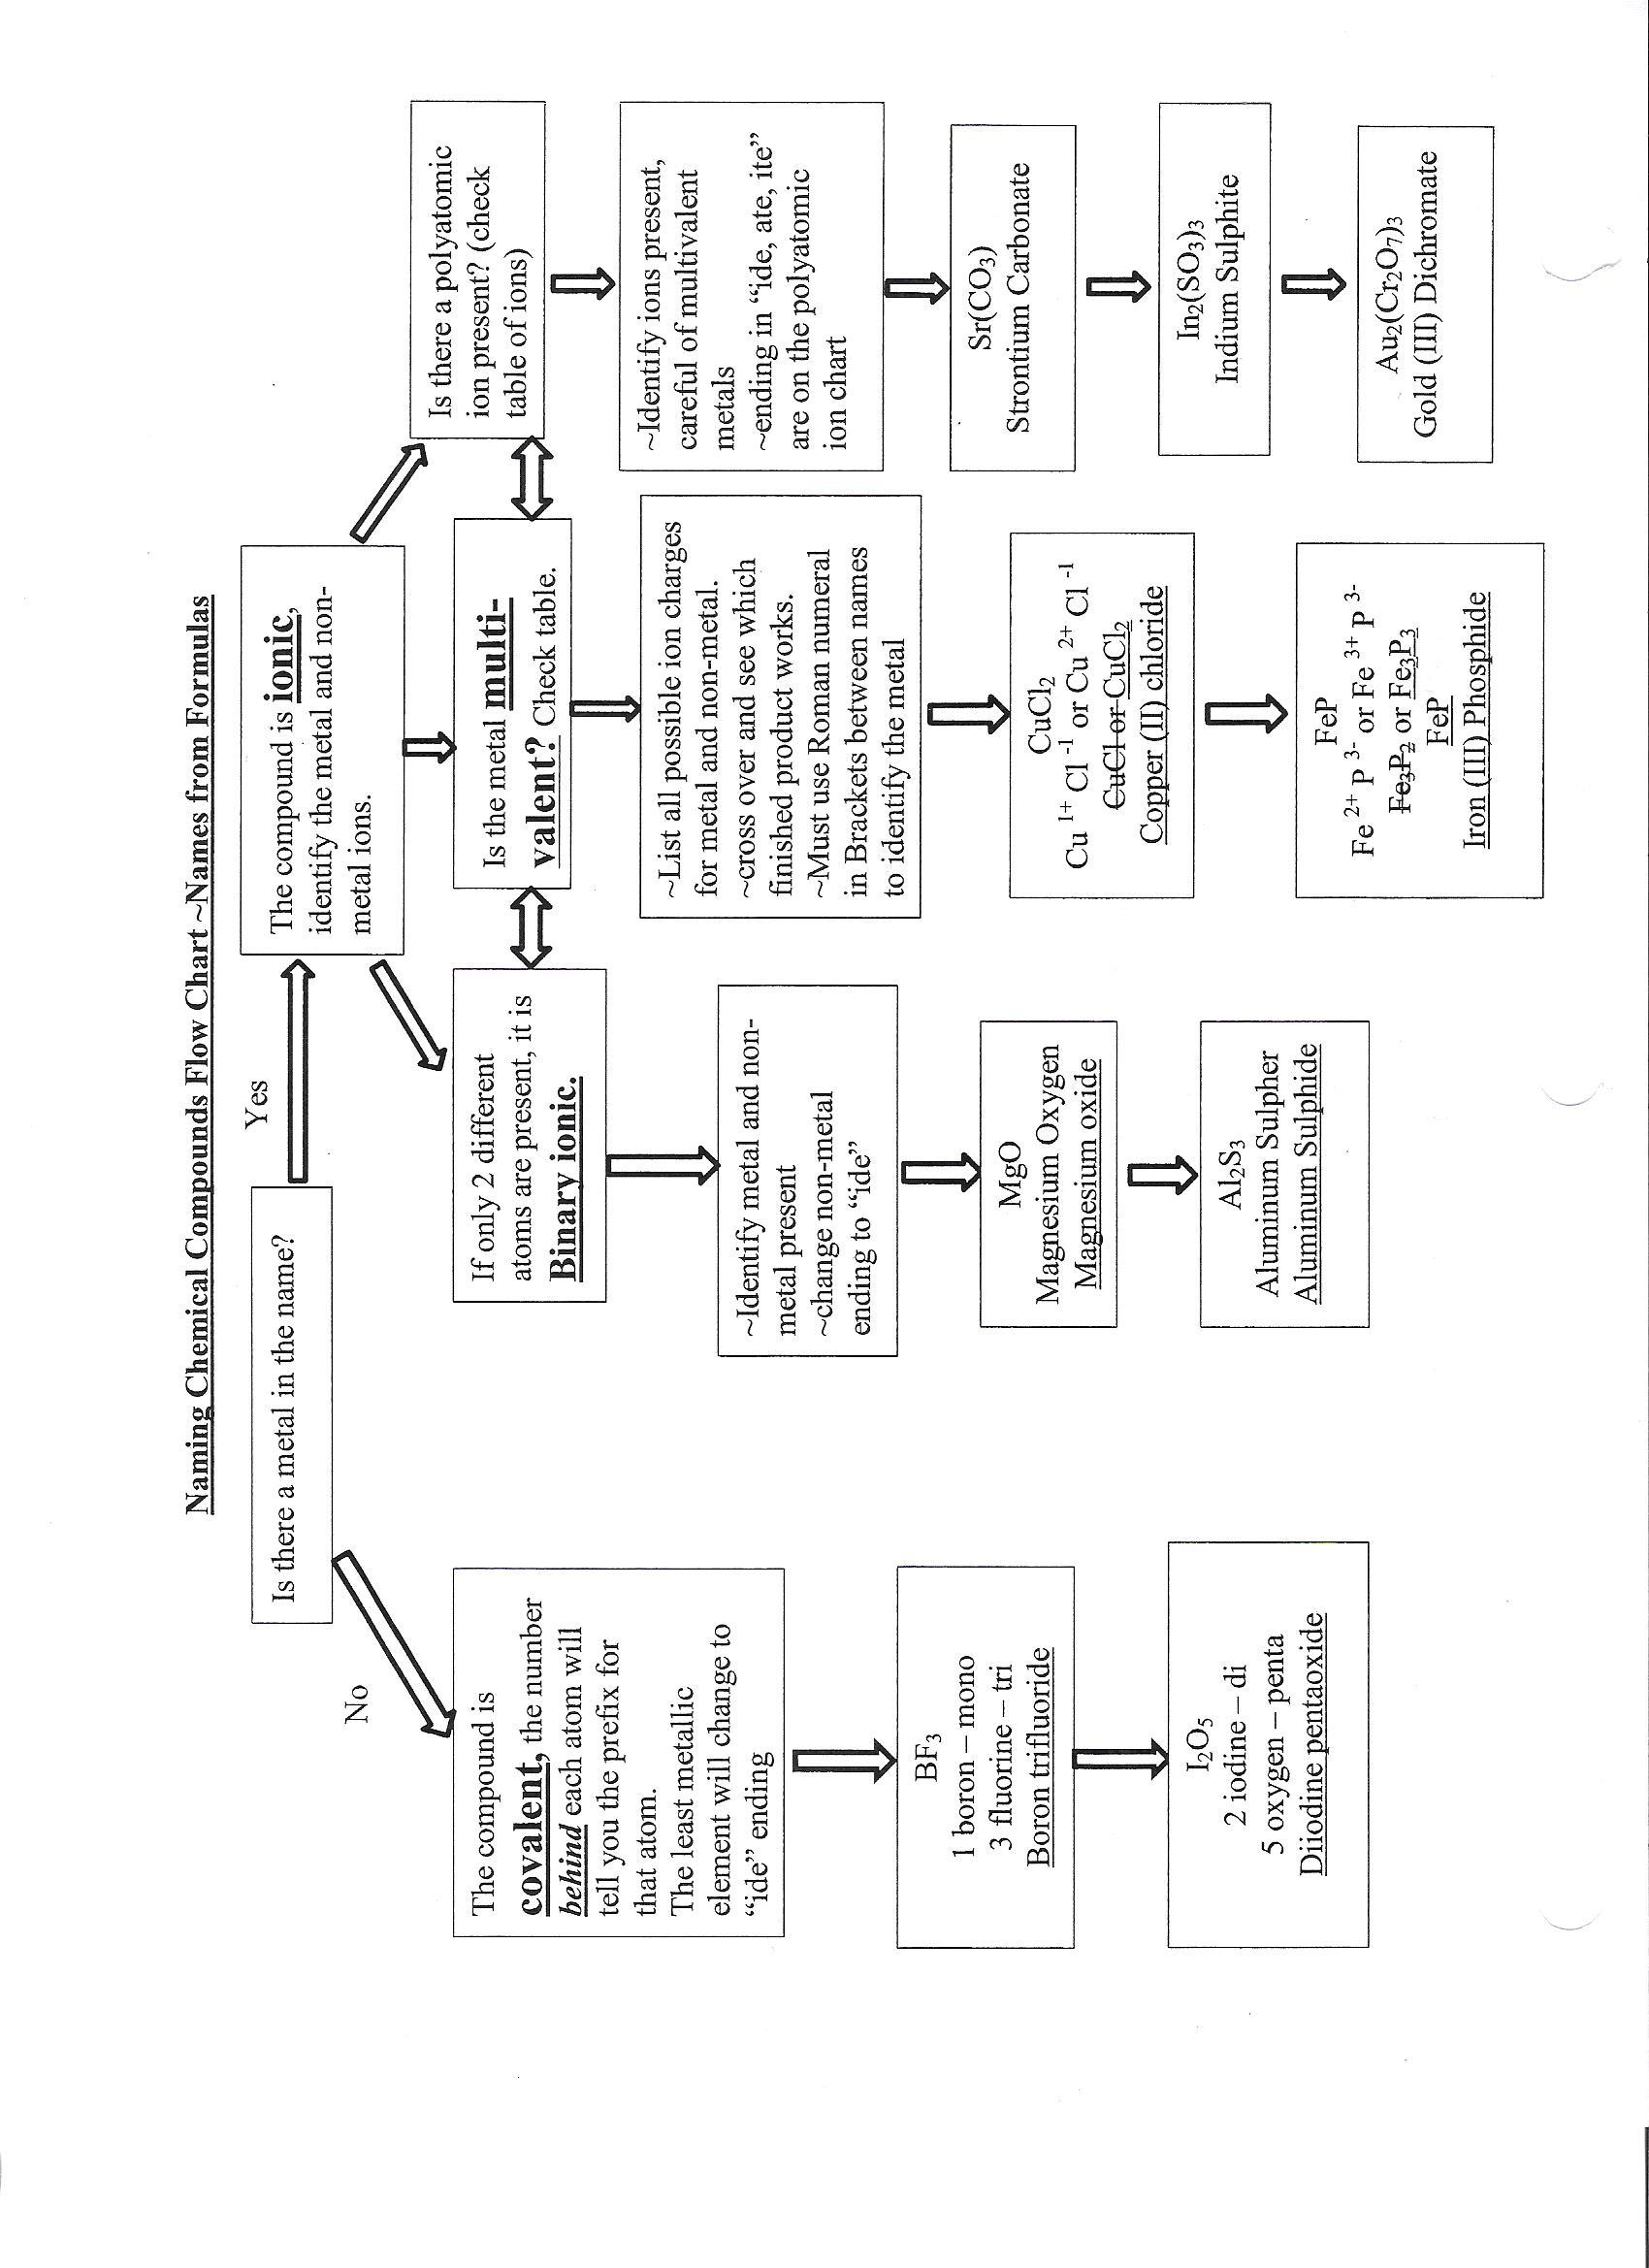 Science 10 Old Curriculum